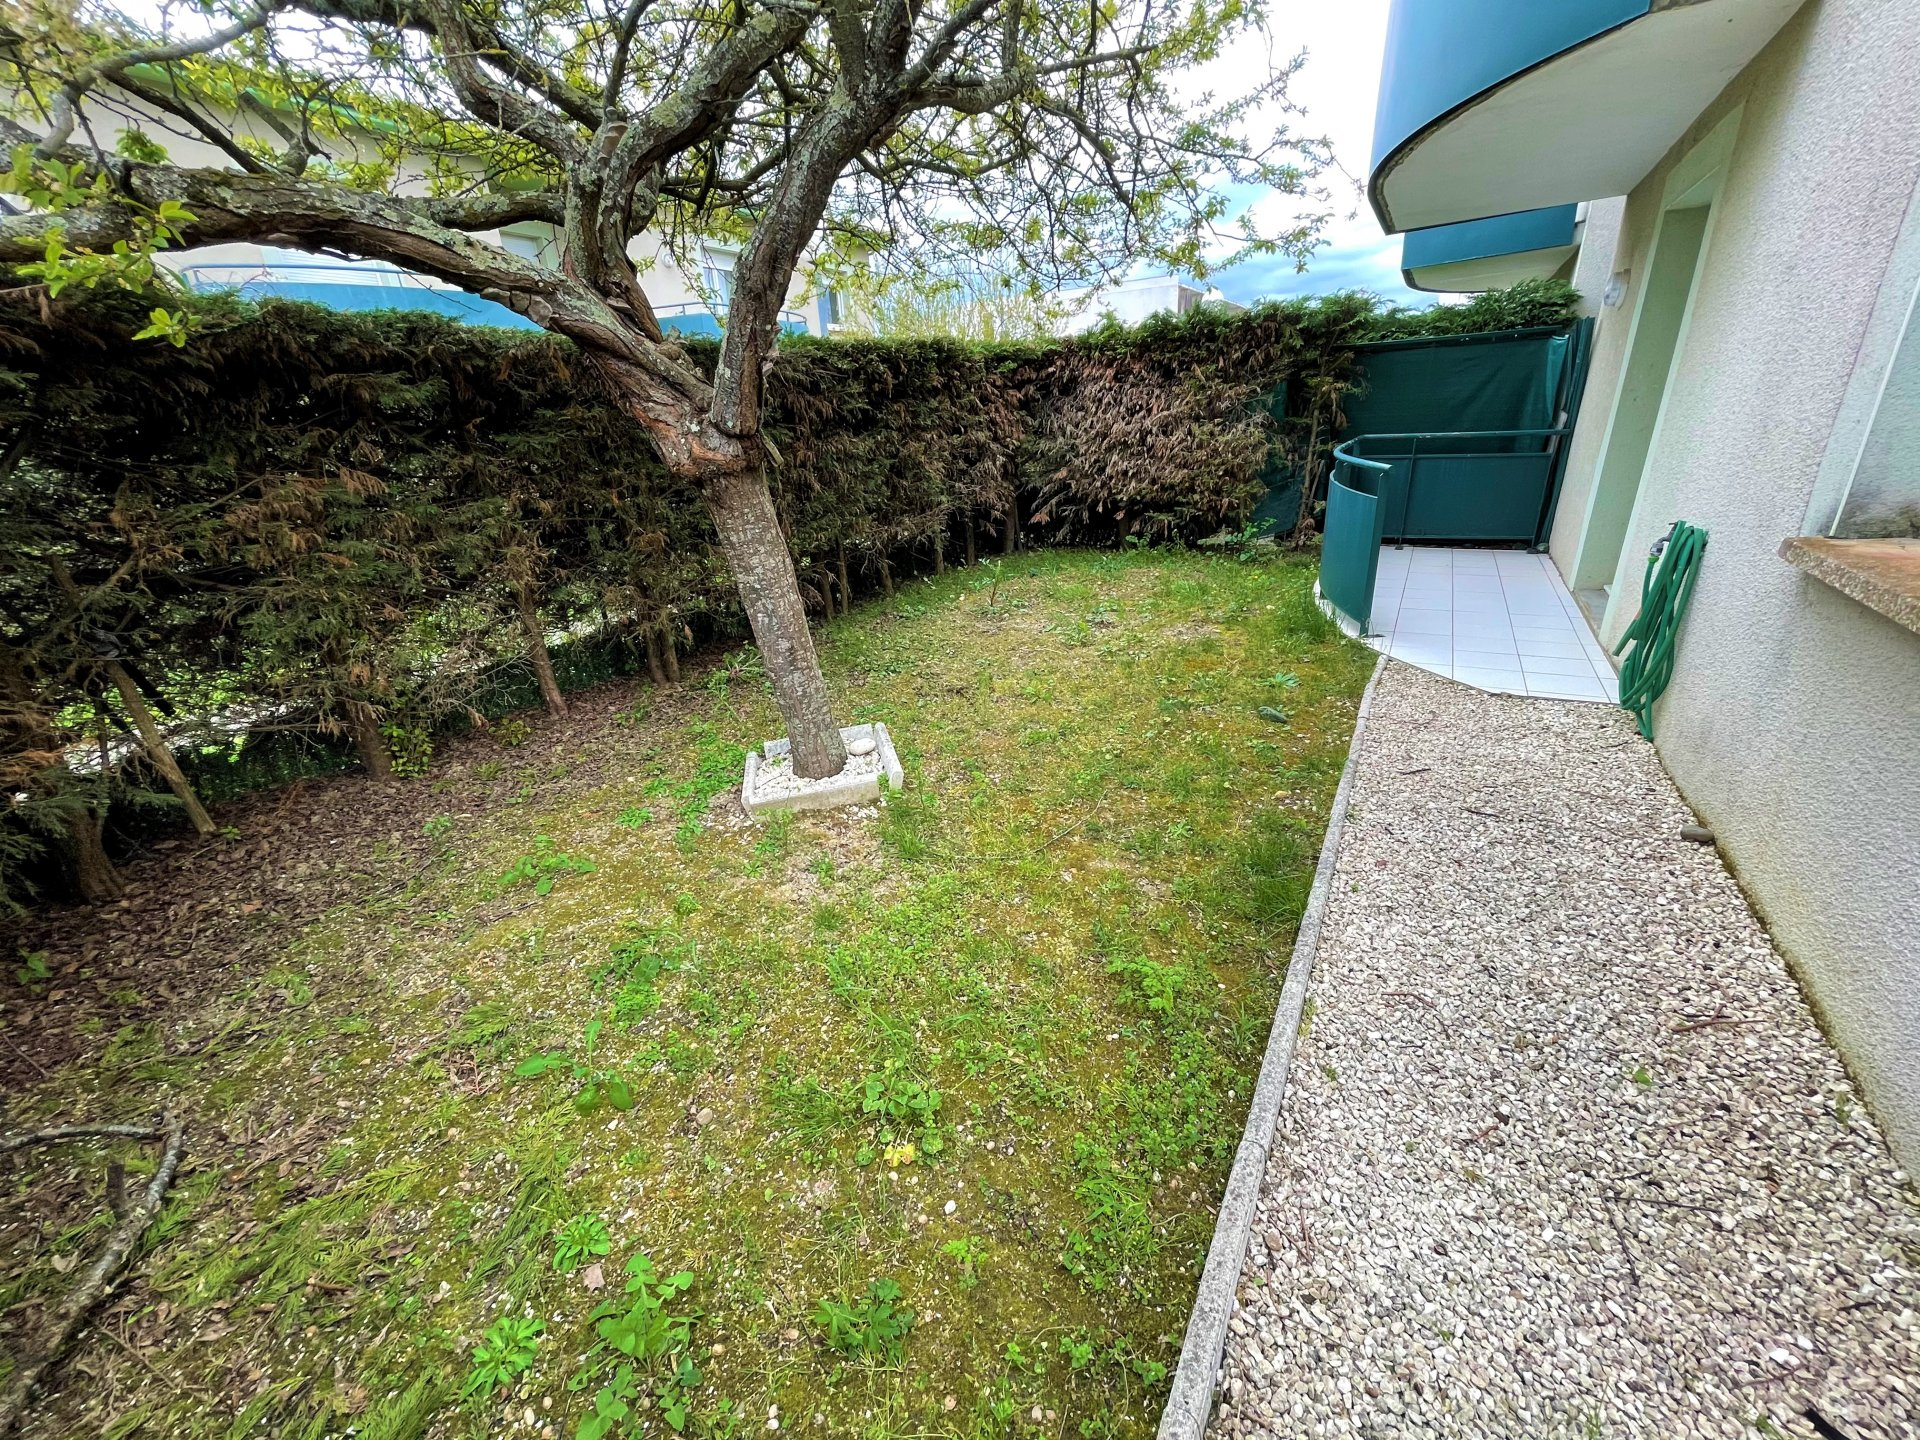 JOLI T2 avec jardin intimiste de 60m²